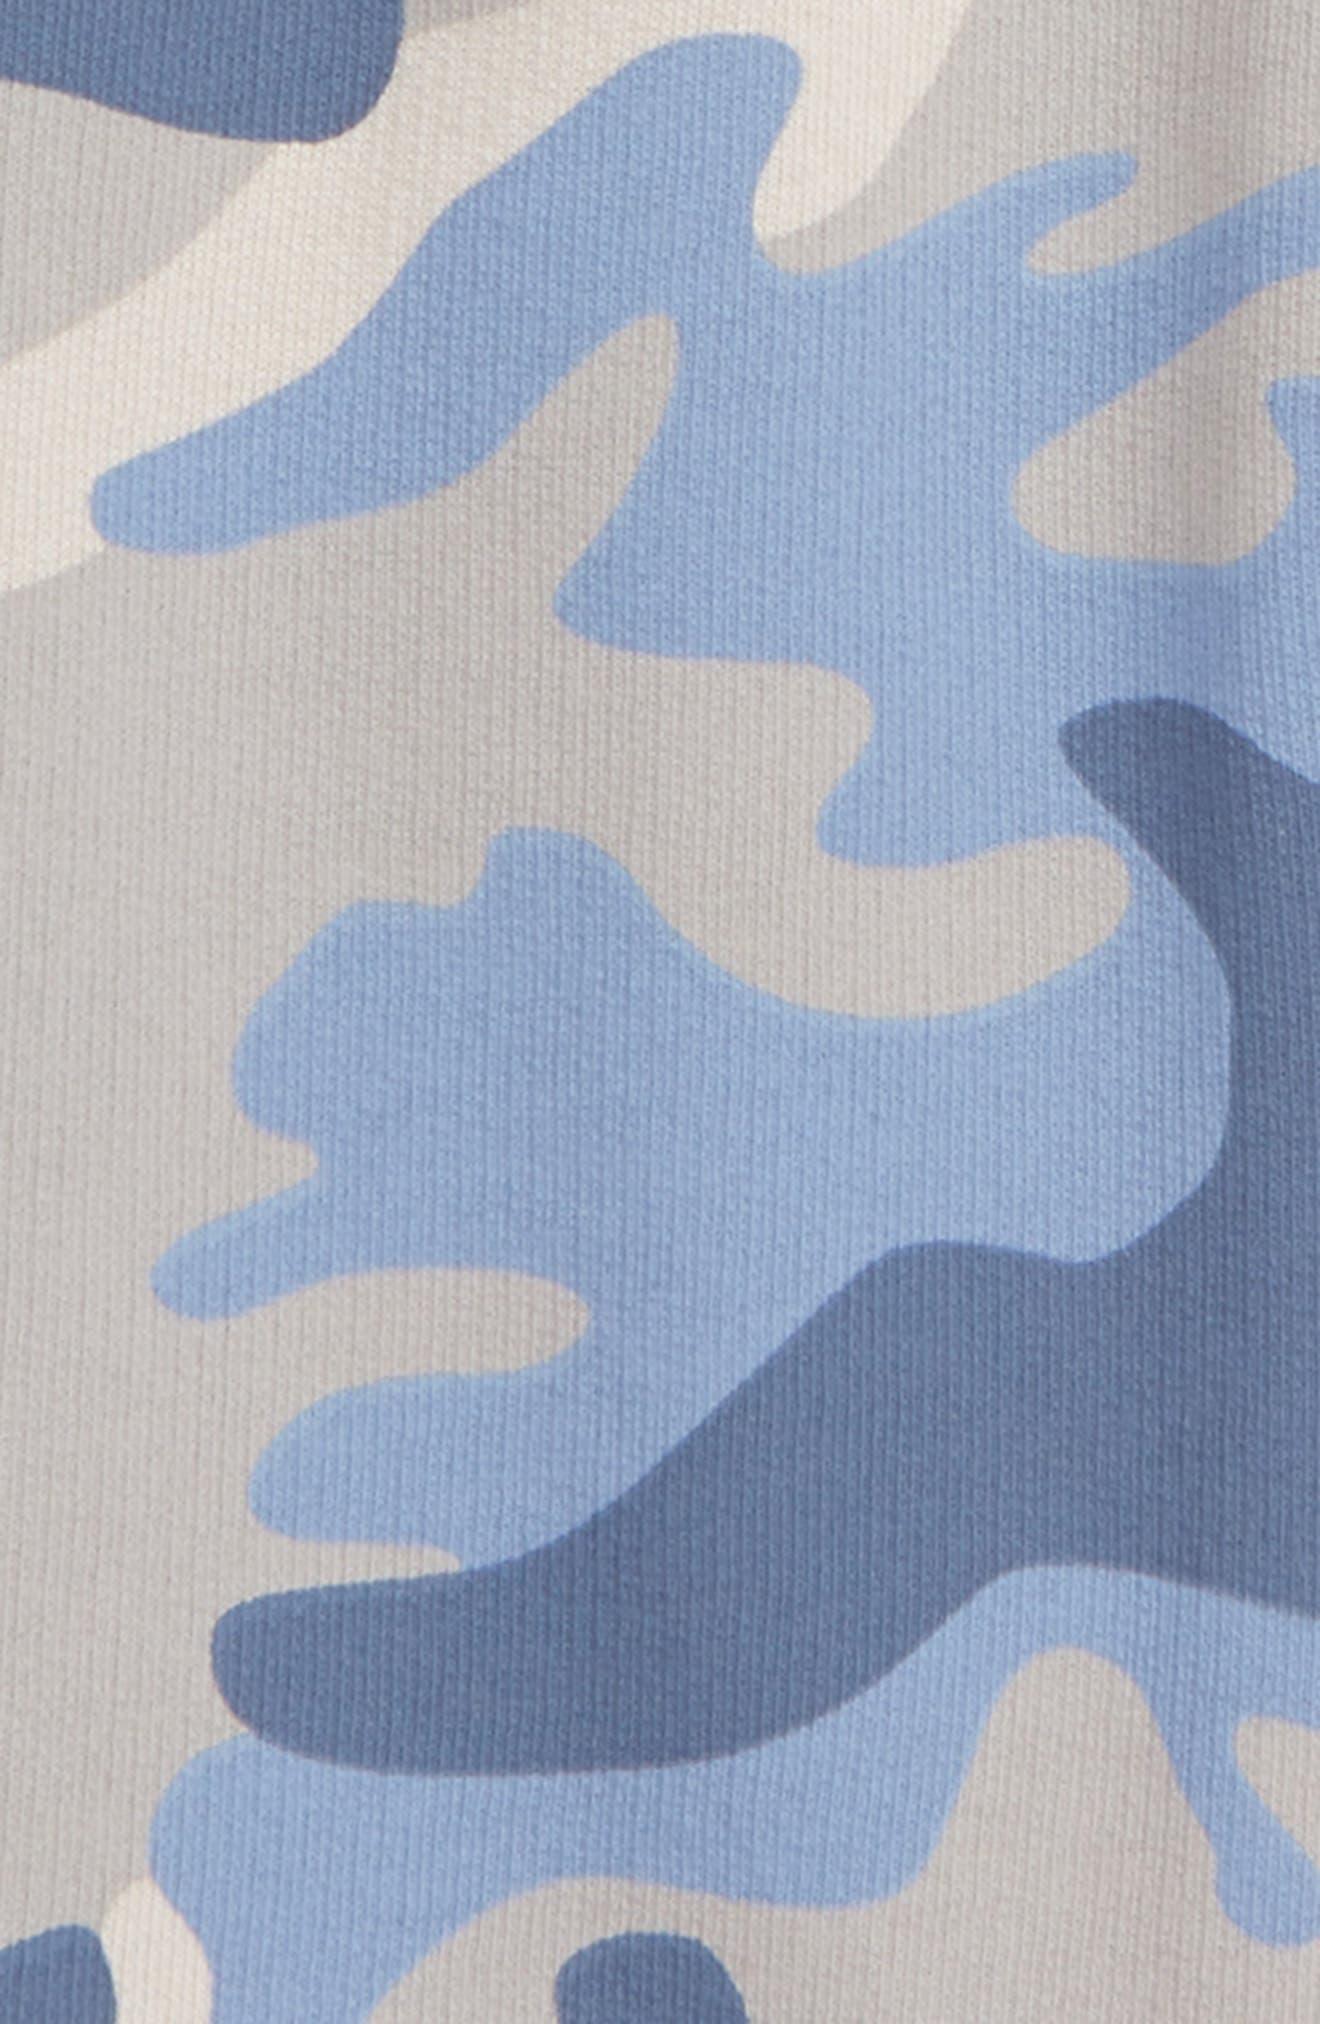 Peek Camo Print Knit Joggers,                             Alternate thumbnail 2, color,                             BLUE